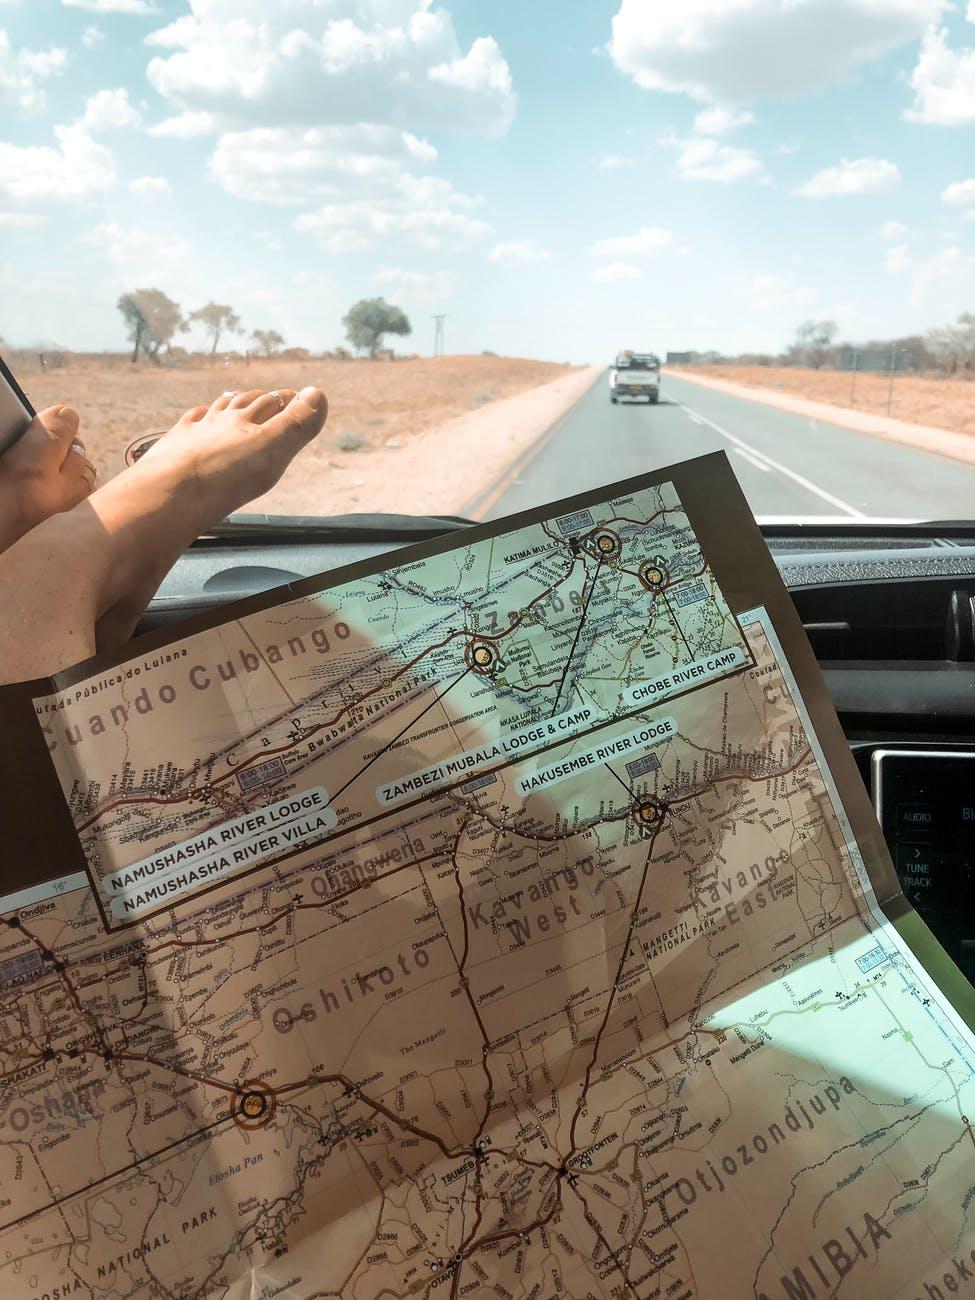 Road Trip in the U.S